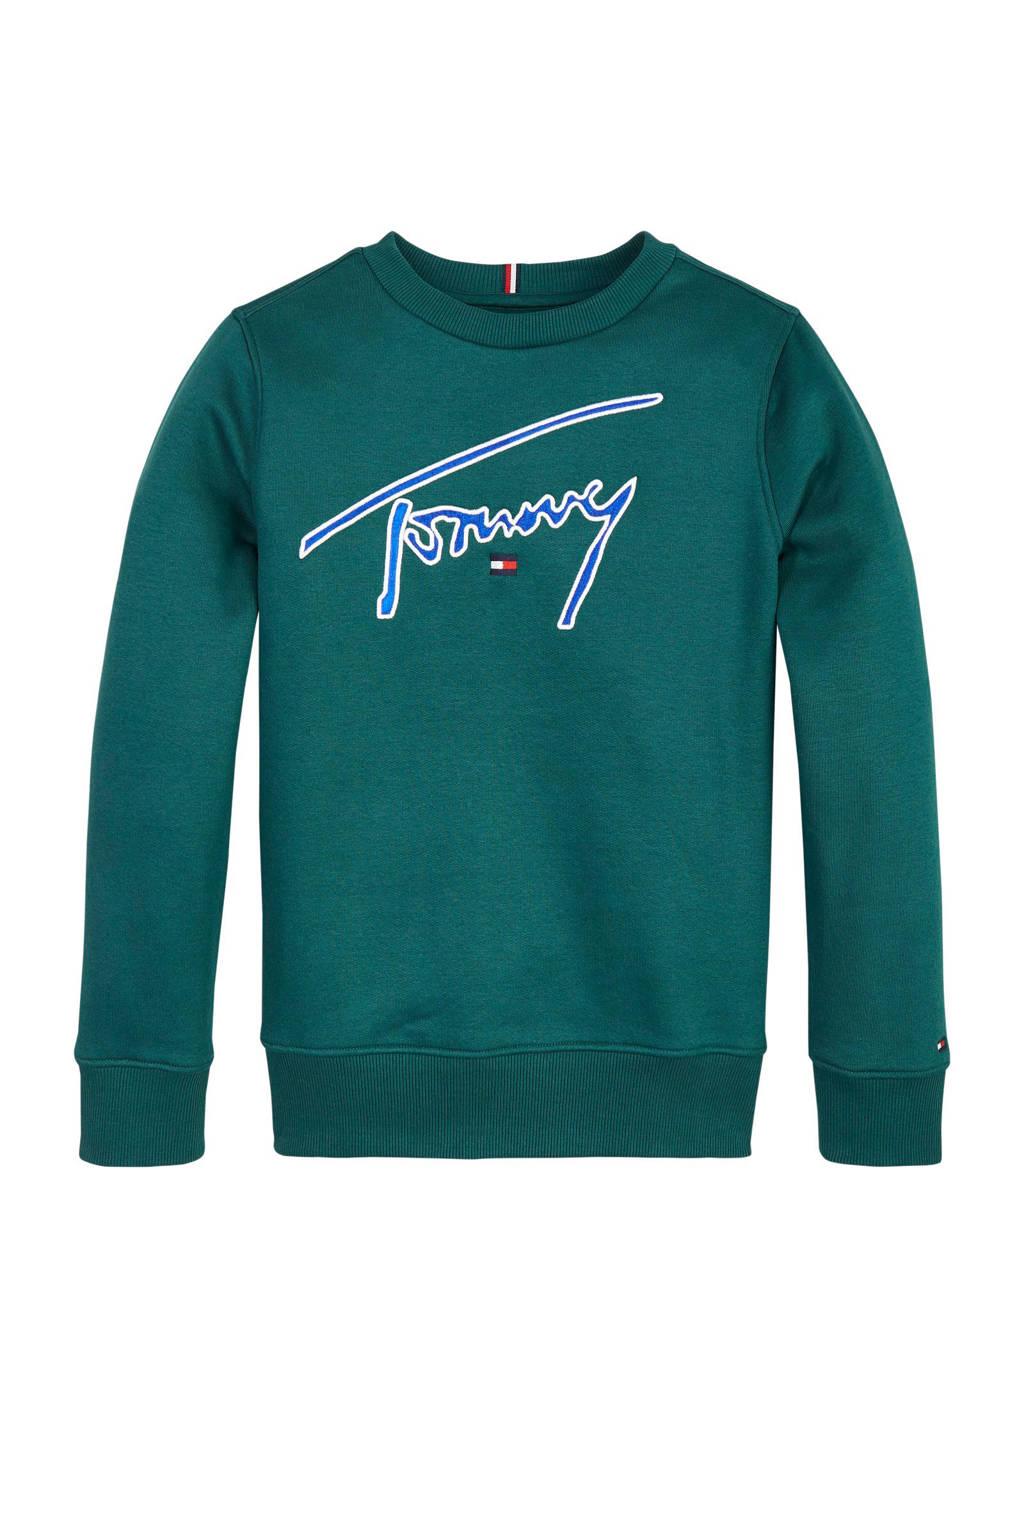 Tommy Hilfiger sweater met logo en borduursels groen, Groen